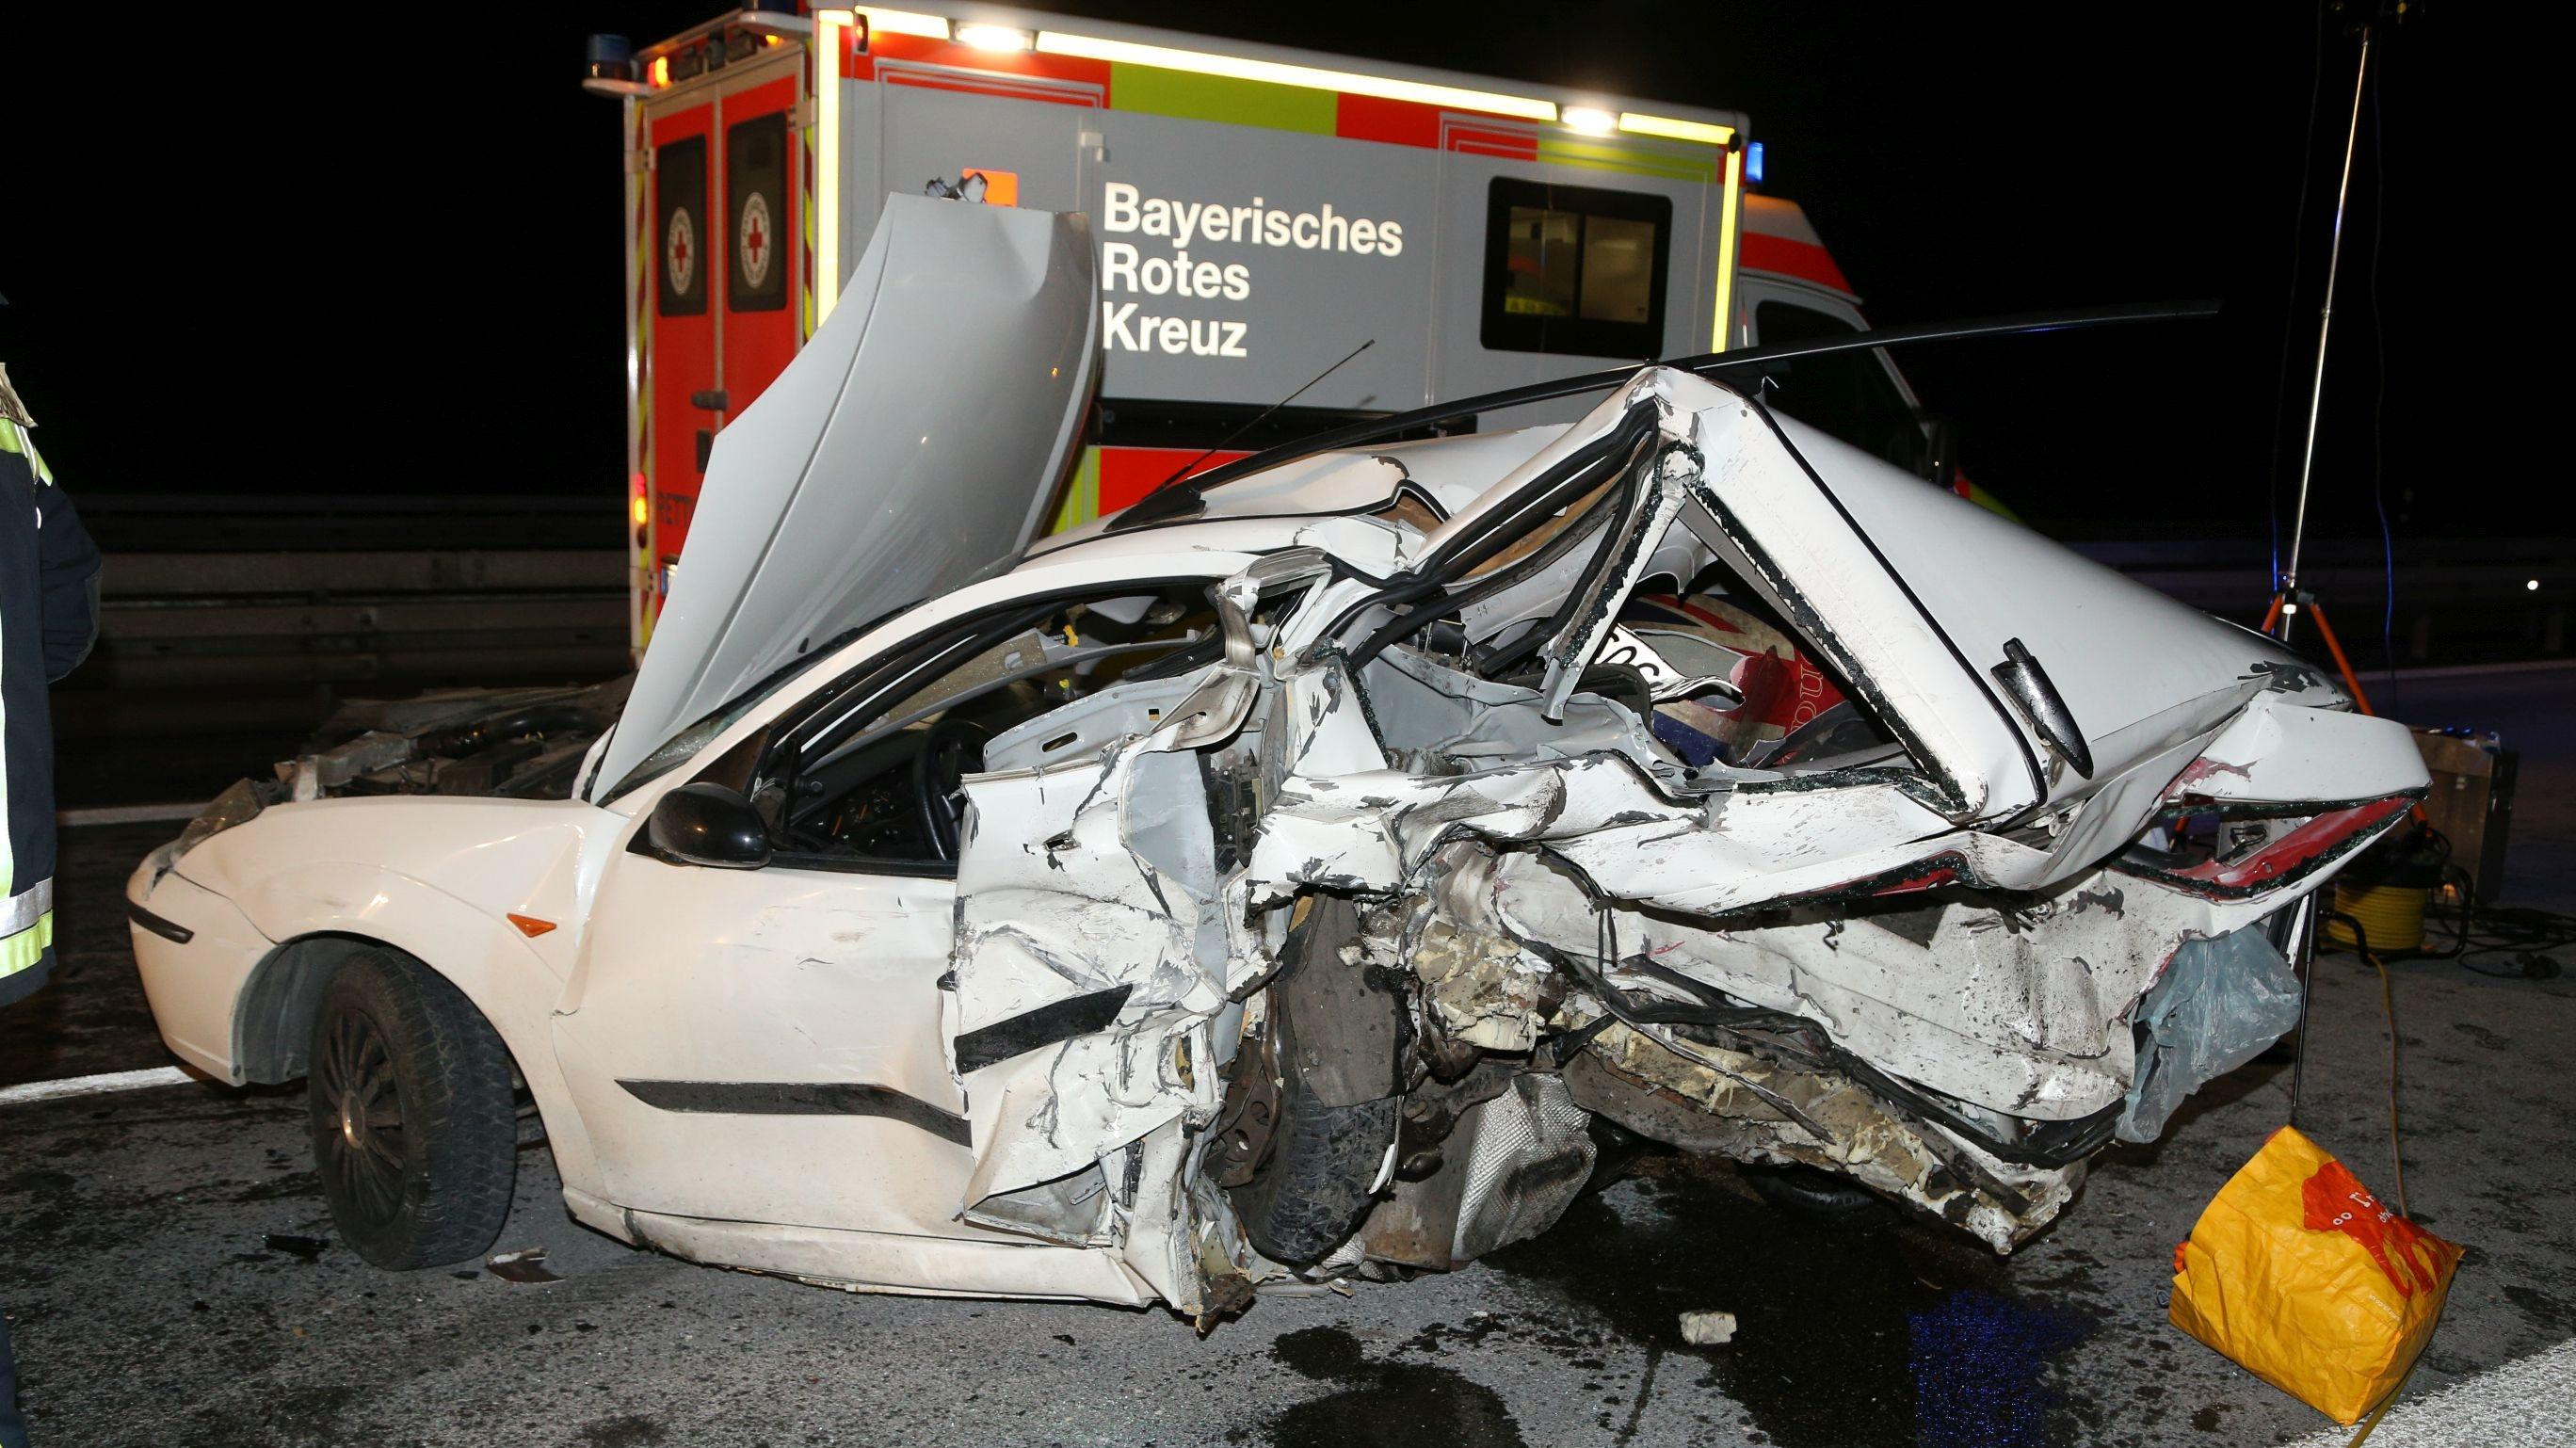 Auf der A93 ereignete sich ein tödlicher Unfall: Ein unbeleuchtetes Auto wurde von zwei weiteren Autos übersehen. Ein Mann starb bei dem Unfall.